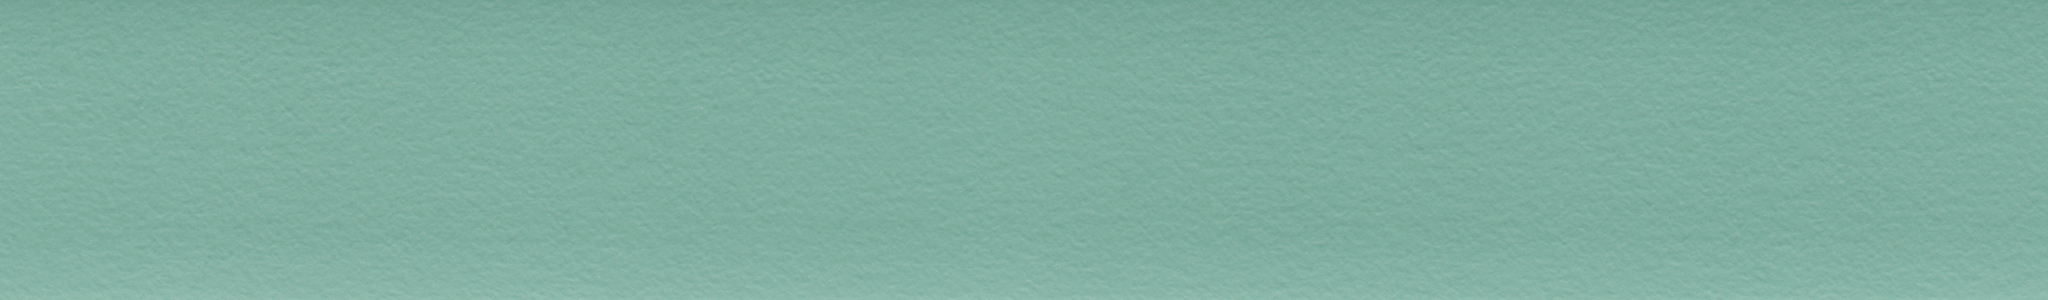 HU 169007 ABS hrana zelená perla jemná 107